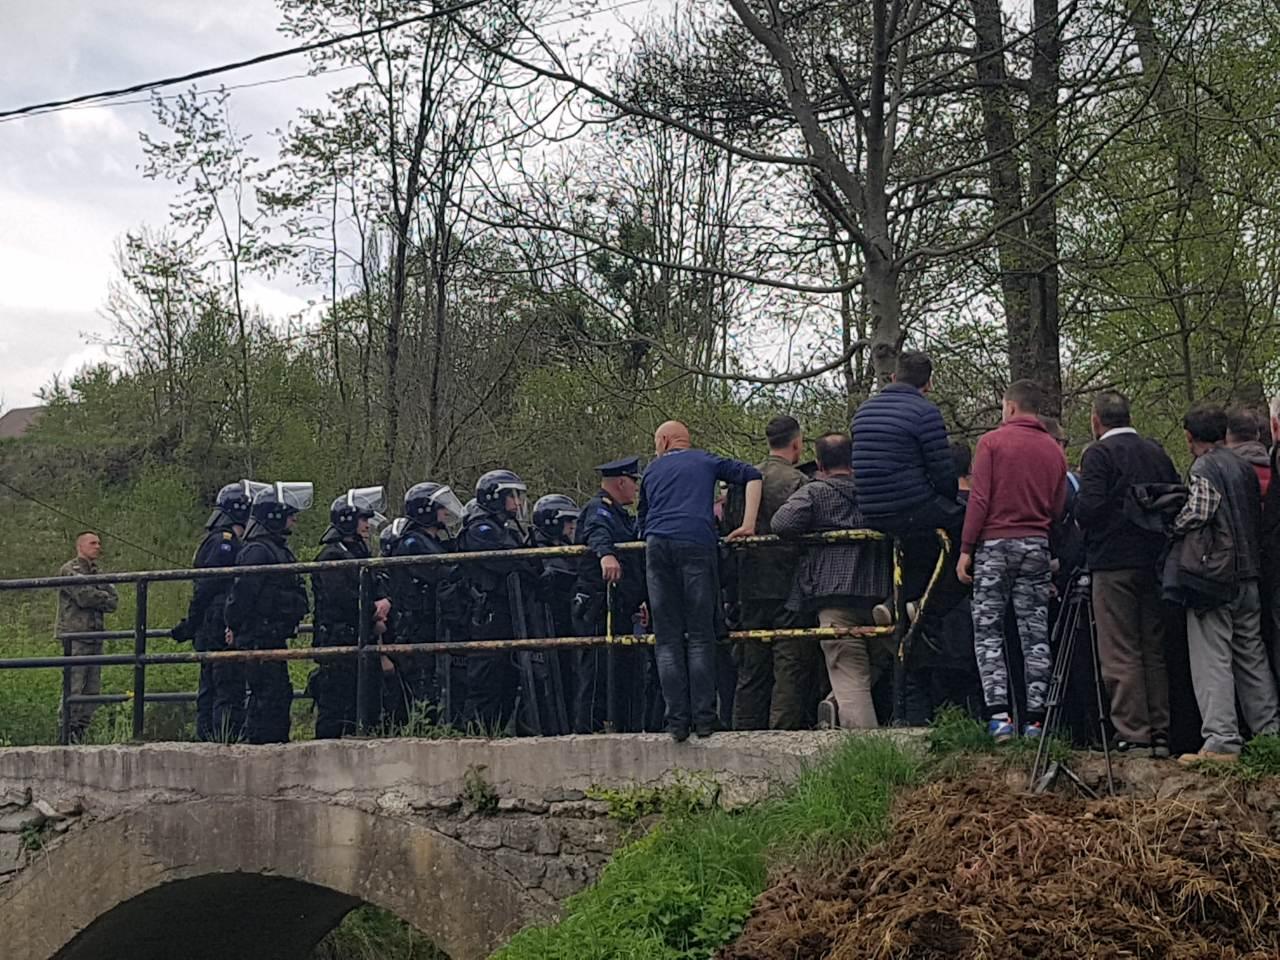 borba-za-reke-kosova-ko-su-srbi-i-albanci-koji-se-zajedno-suprotstavljaju-hidroelektranama-video